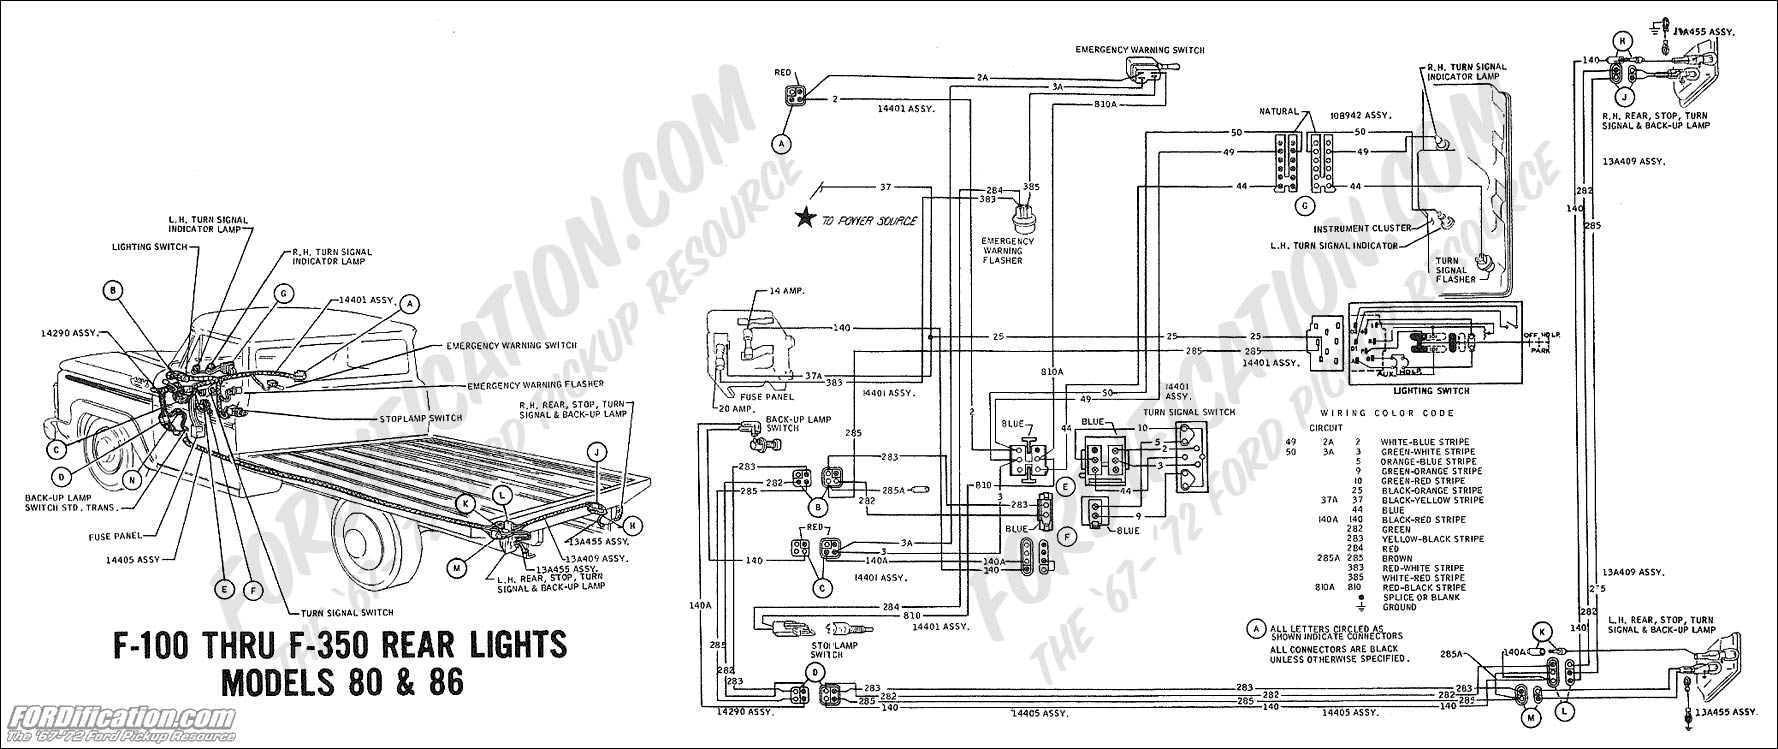 Ob 5404 Wiring Schematics By Blue Bird Body Number Wiring Schematics Available Download Diagram